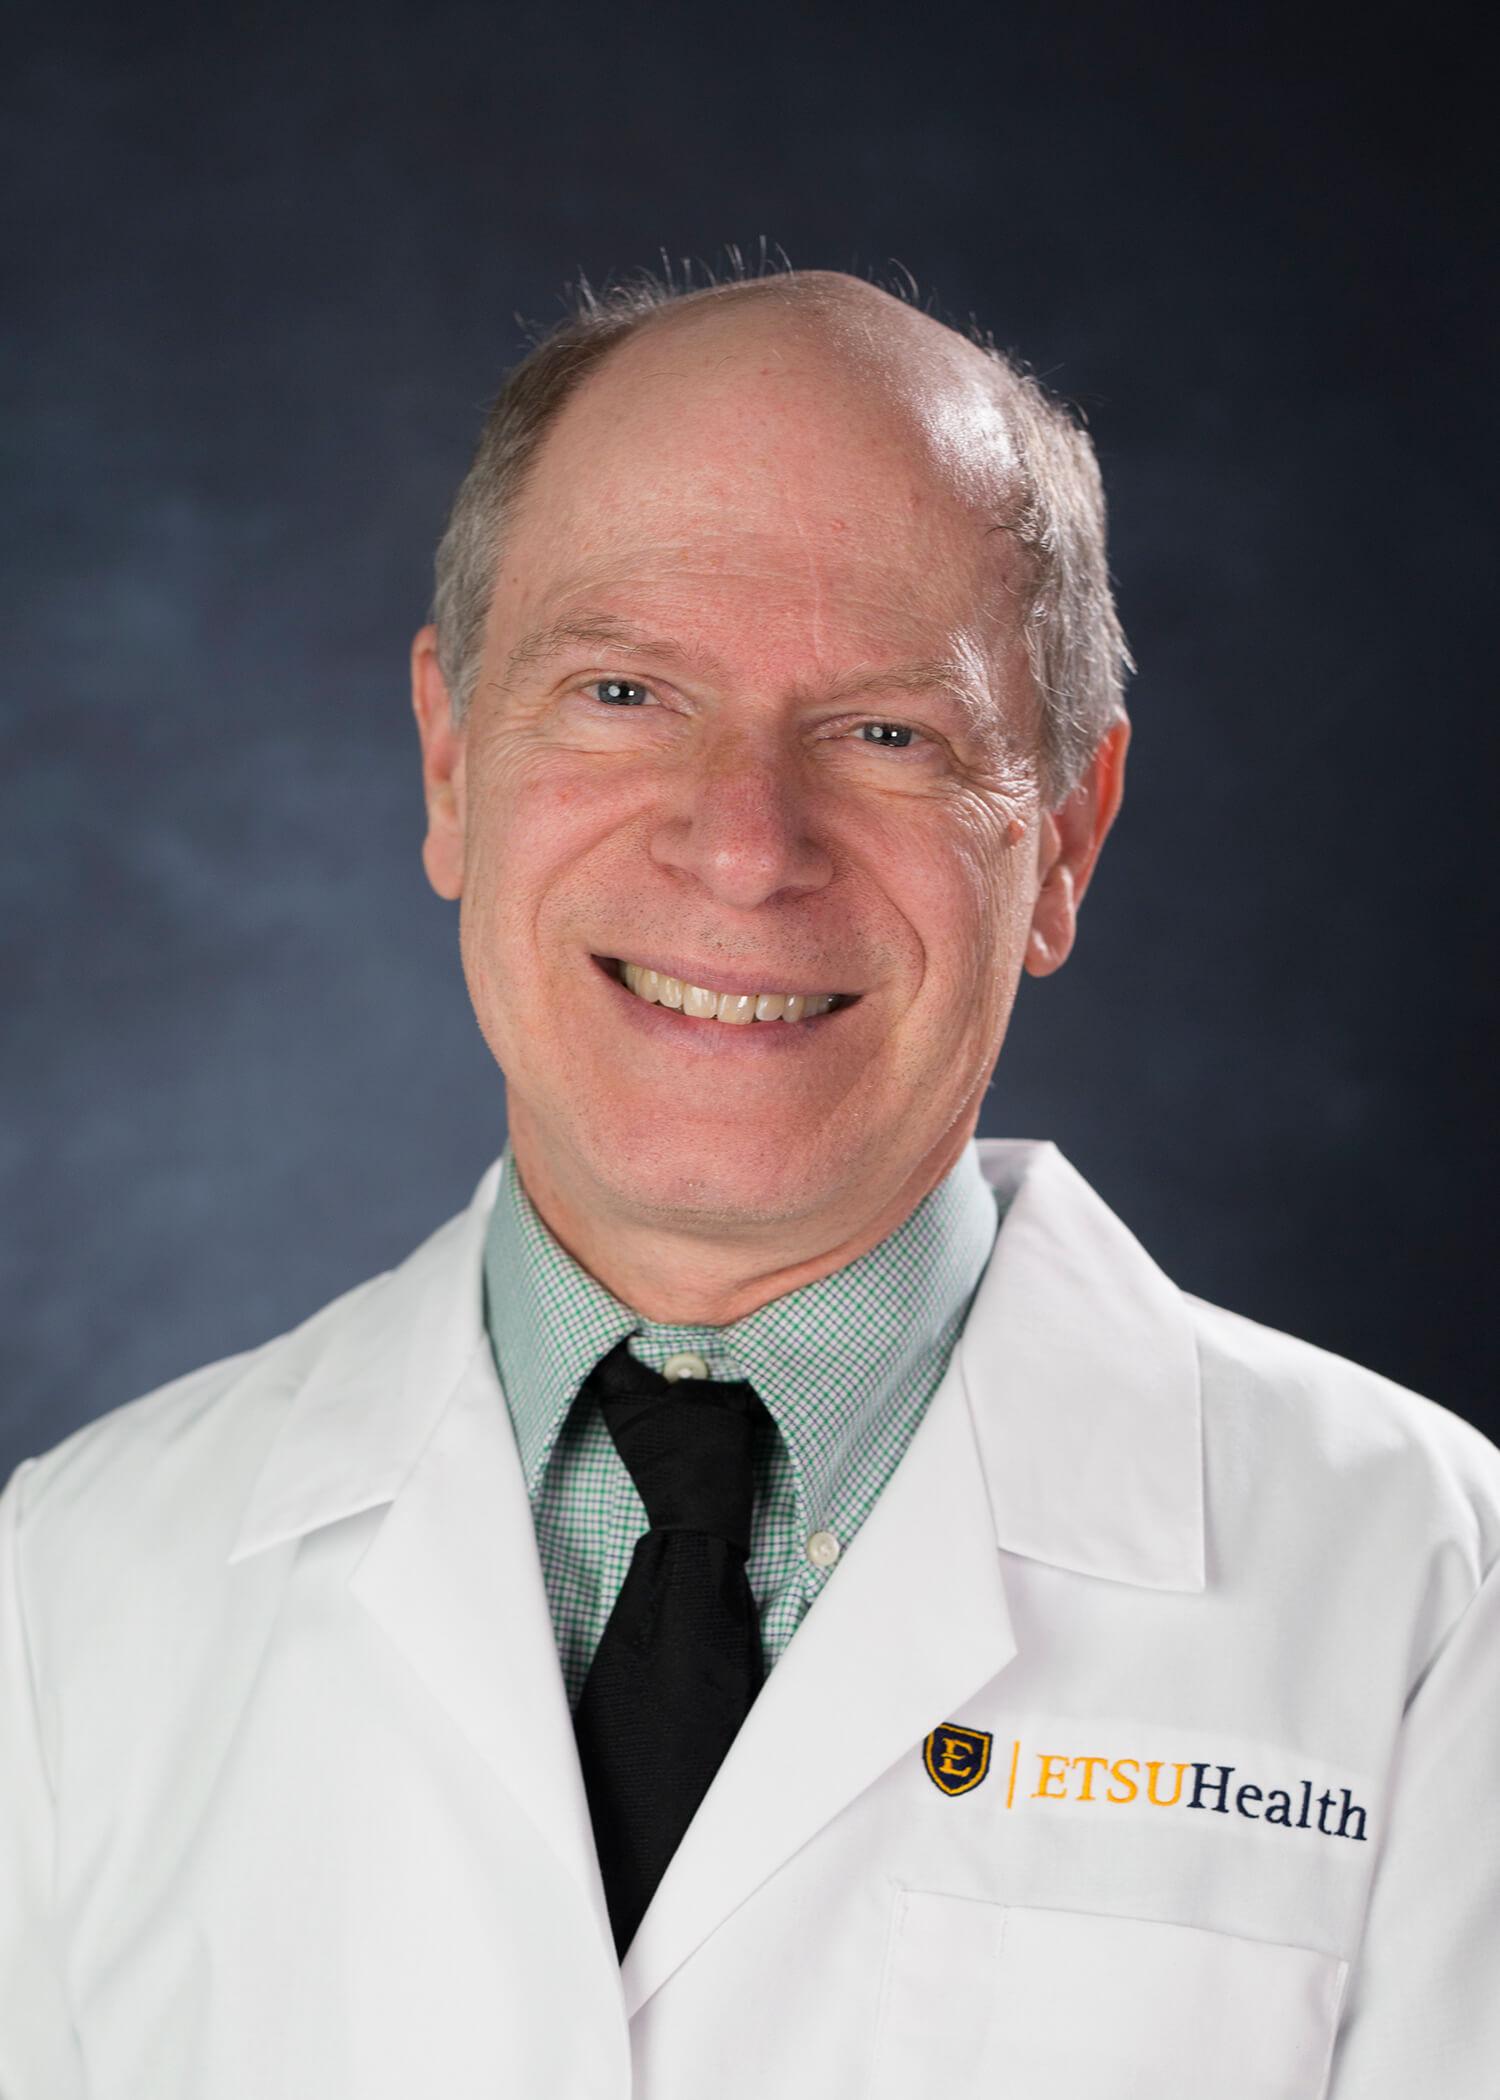 Photo of James Holt, M.D.